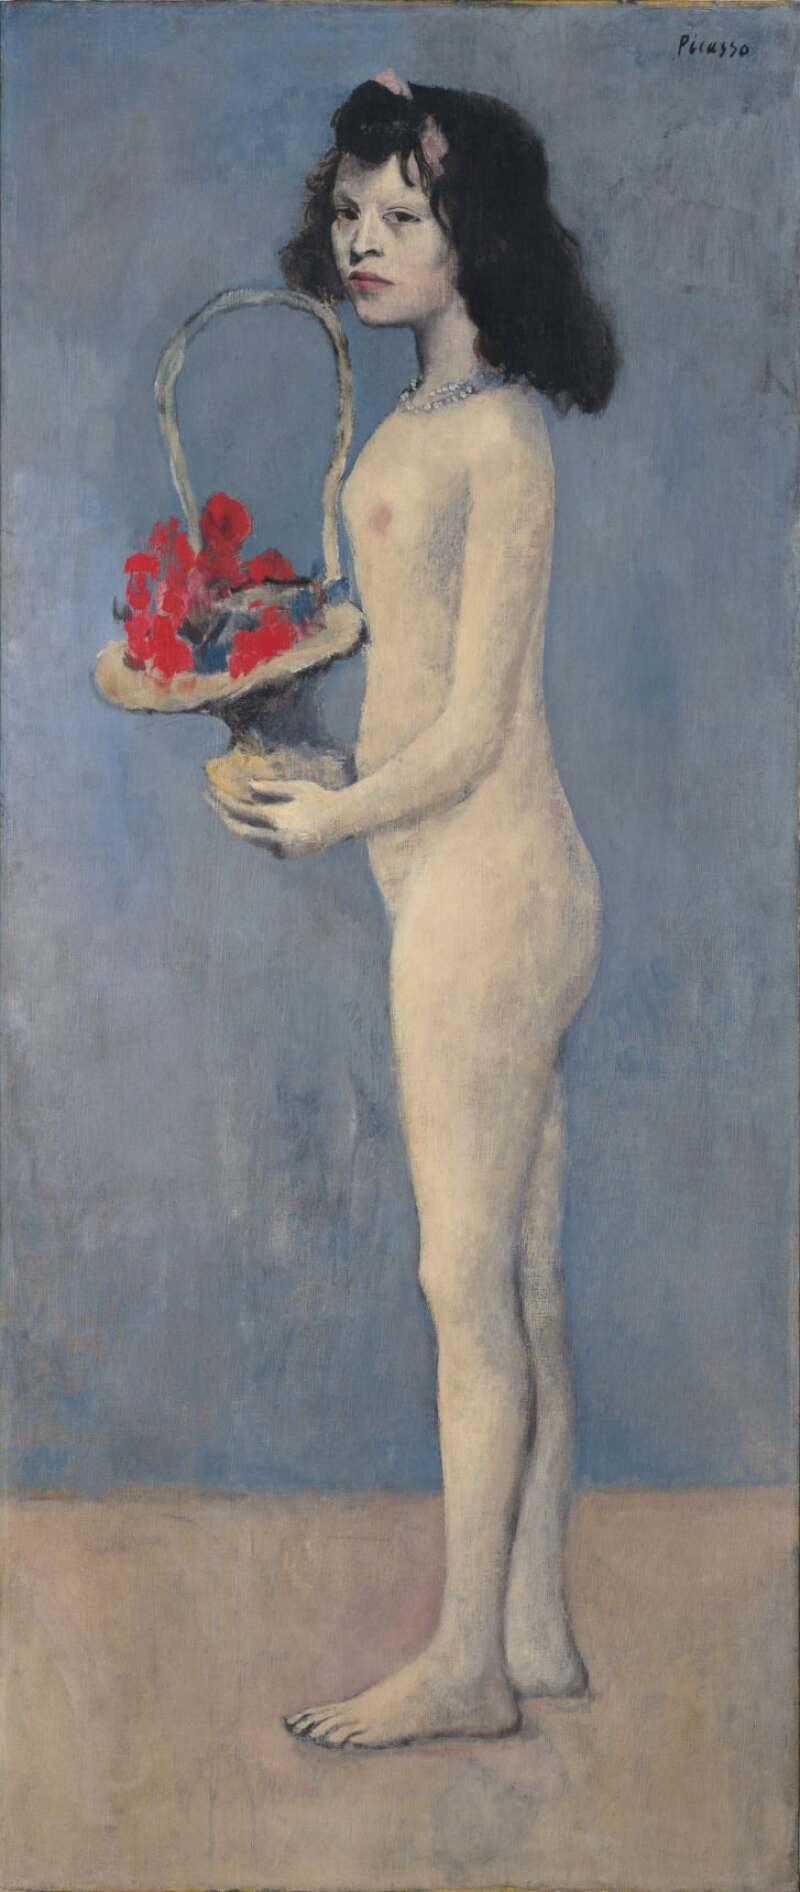 Fillette à la corbeille fleurie (1905), de Pablo Picasso